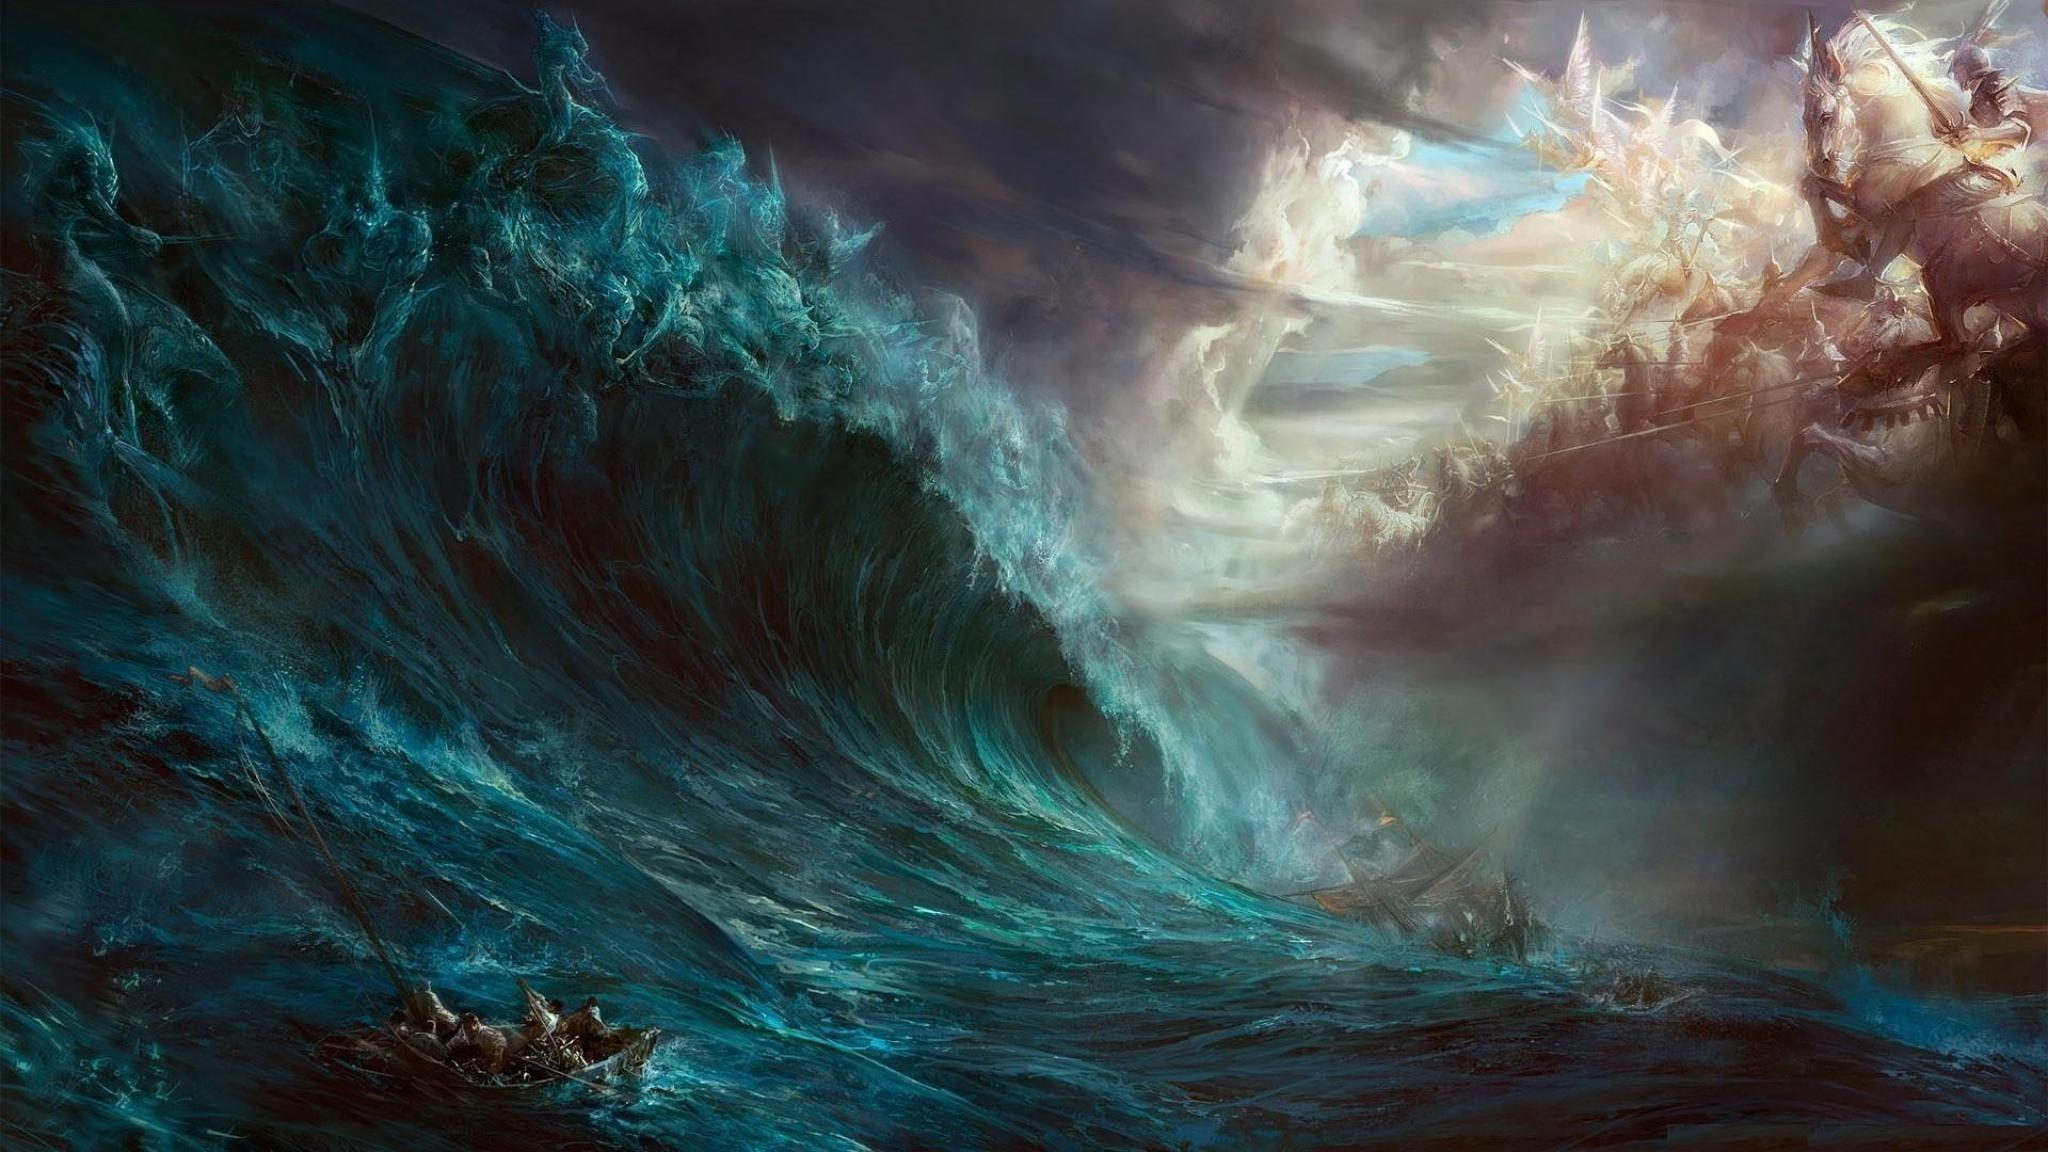 General fantasy art digital art artwork Cronus Zeus sea storm  ship war God Devil